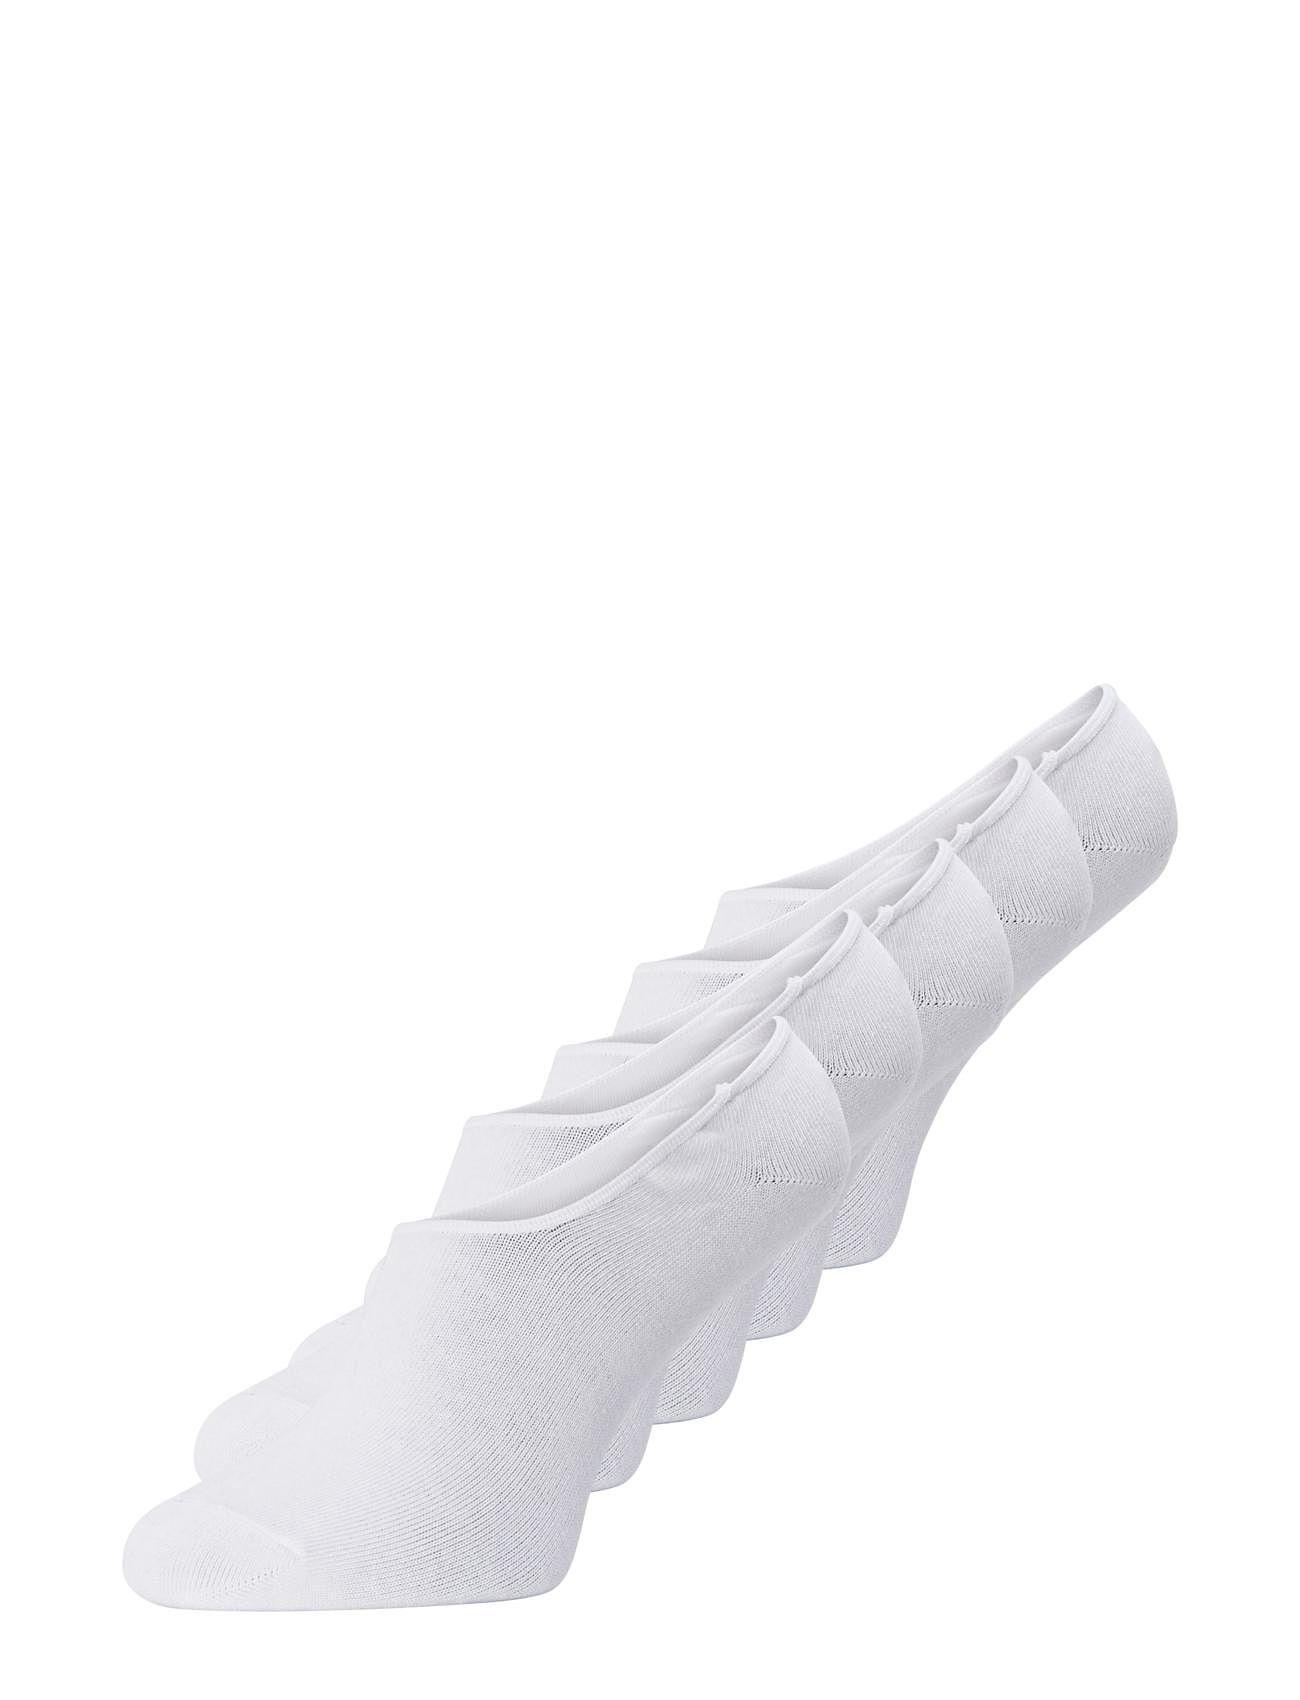 Image of Jacbasic Multi Short Sock 5 Pack Noos Ankelstrømper Korte Strømper Hvid Jack & J S (3412357141)